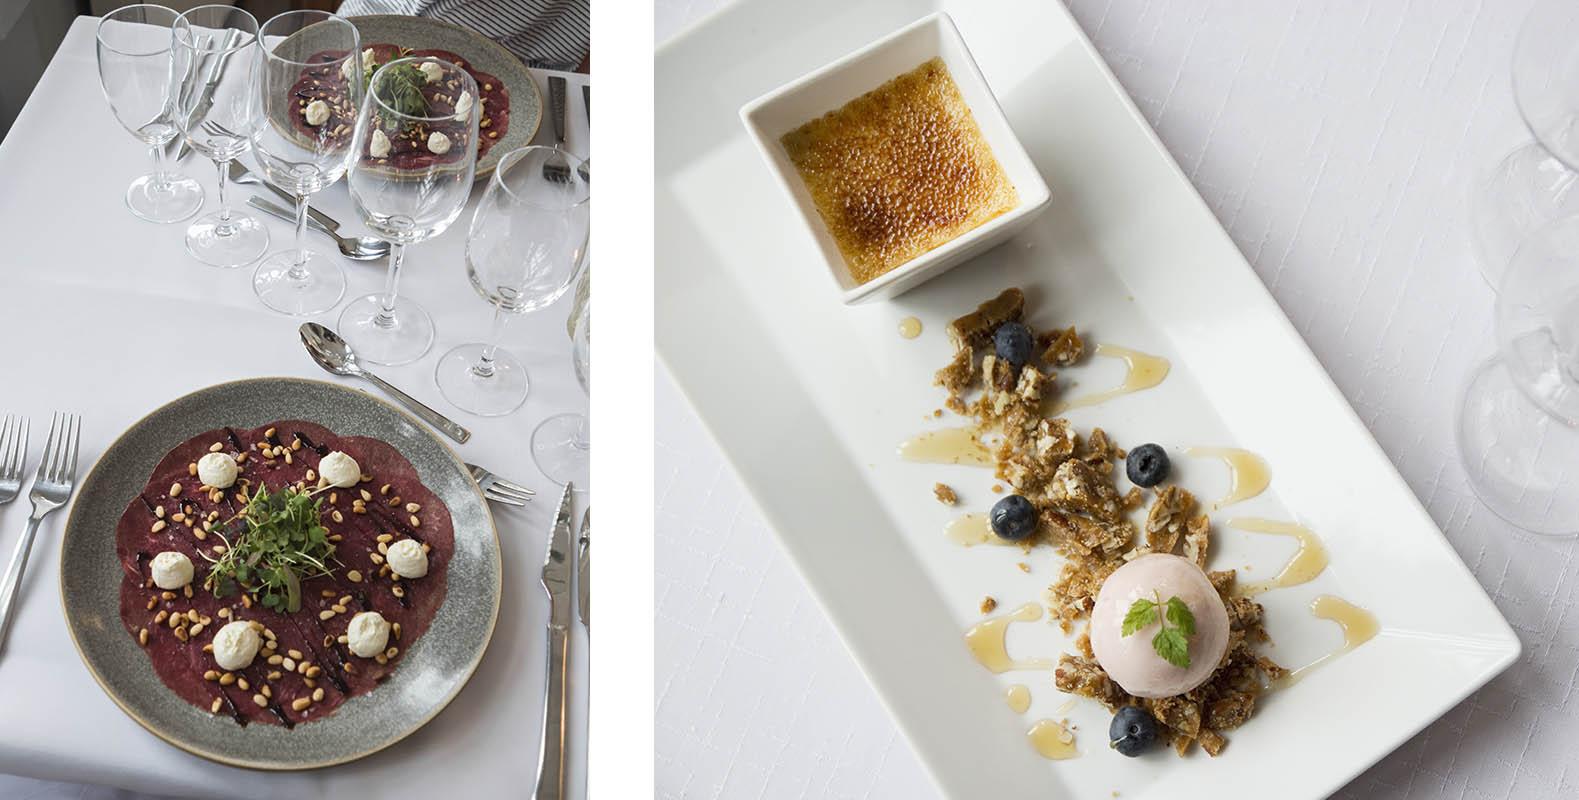 Restaurant Bacchus and Svenska Klubben, Fantastic food in fine, historic settings, dessert